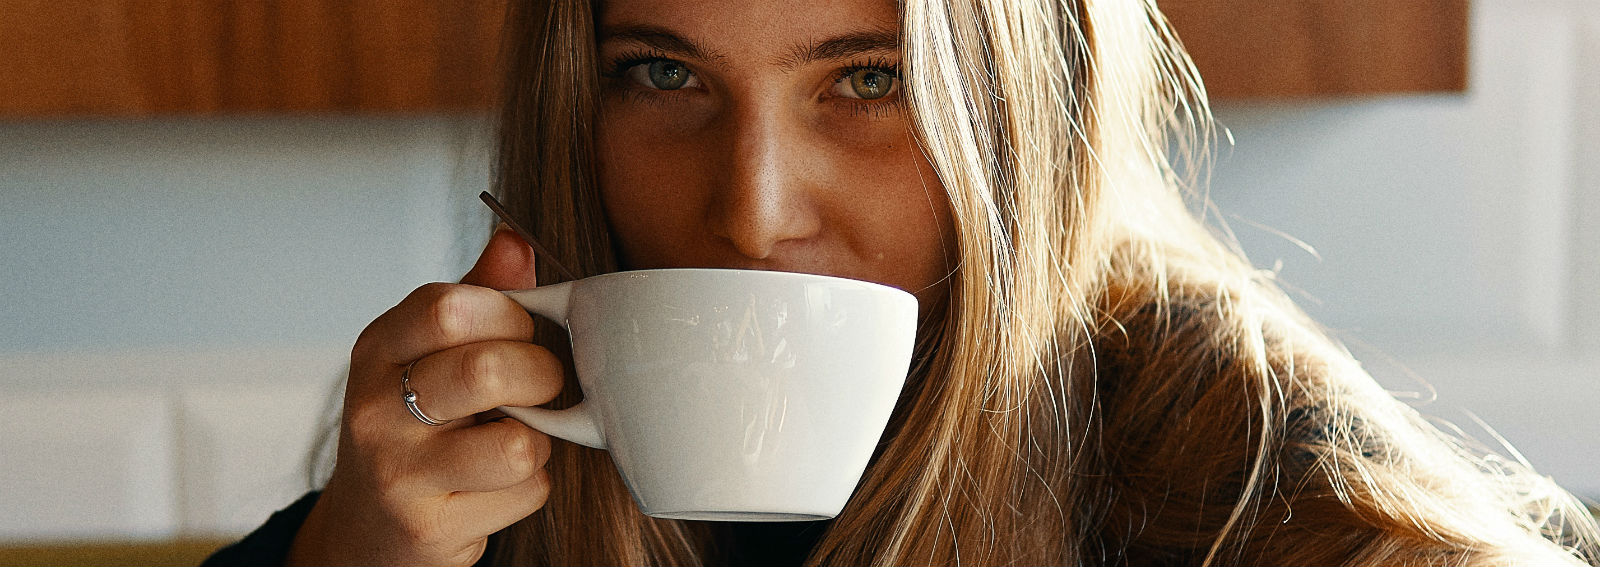 ragazza tazza ( desktop)